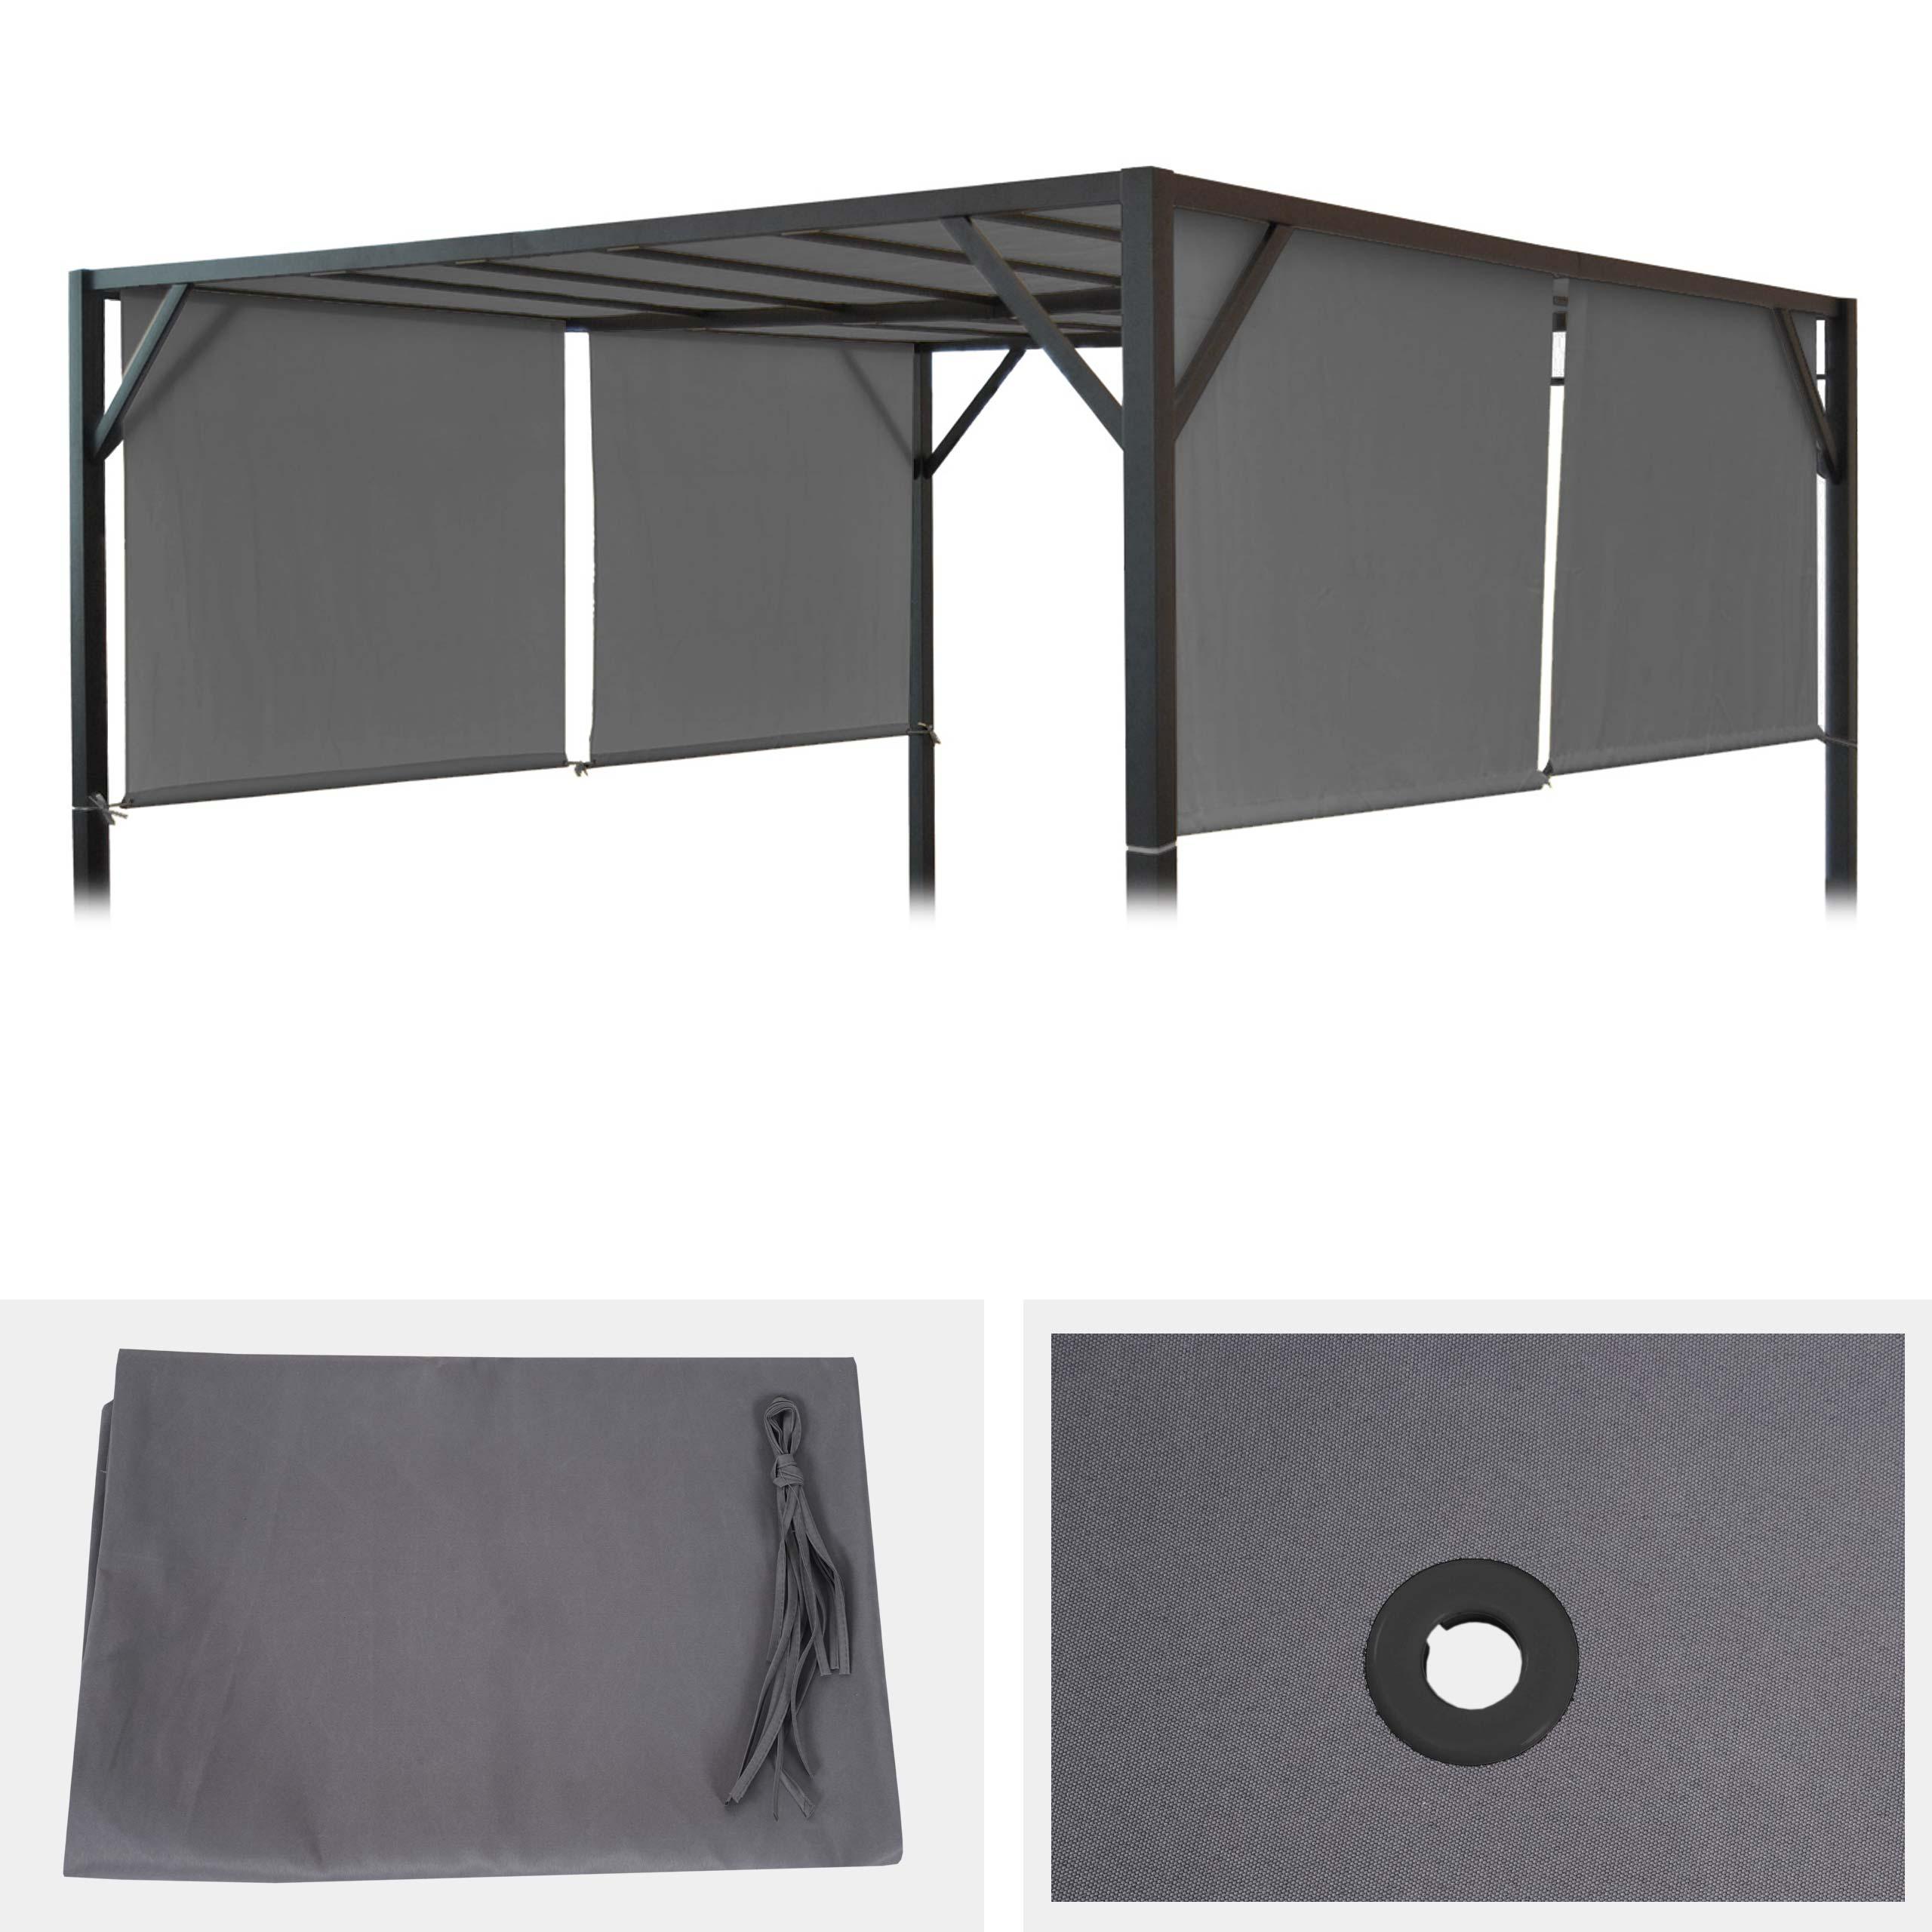 ersatzbezug f r dach pergola pavillon baia 4x4m grau. Black Bedroom Furniture Sets. Home Design Ideas